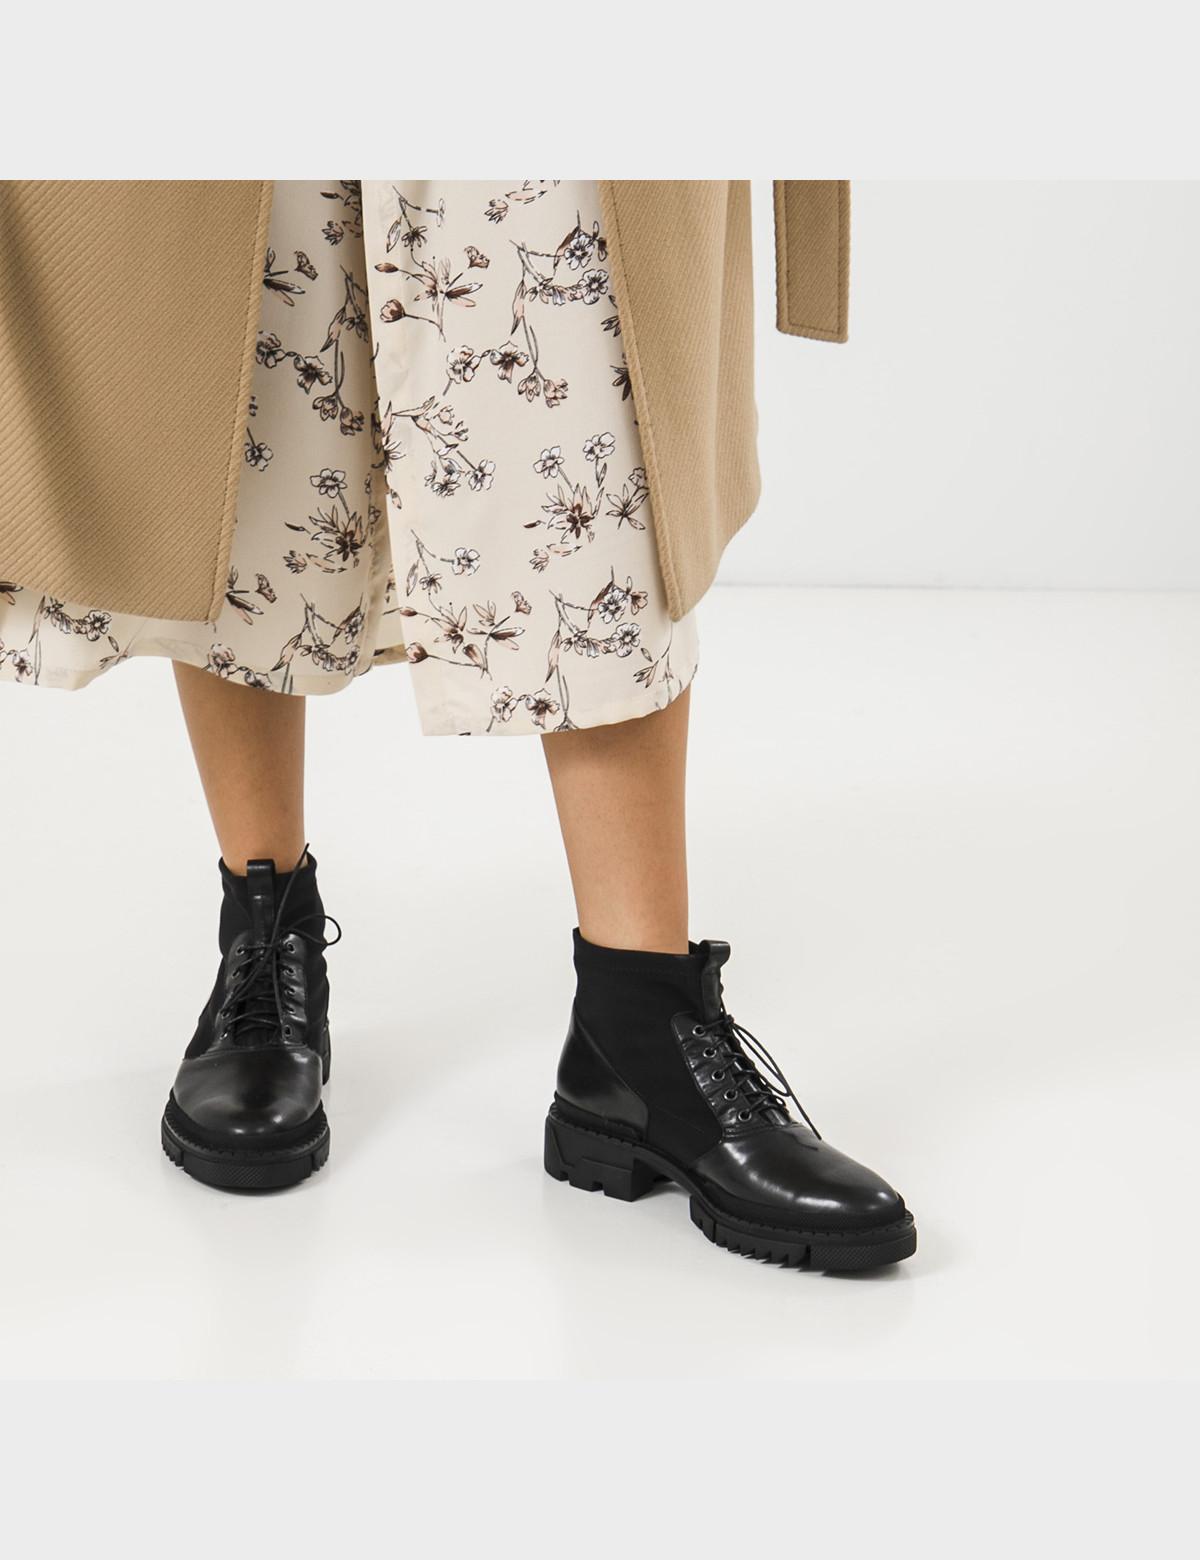 Ботинки черные, натуральная кожа/стрейч. Байка5